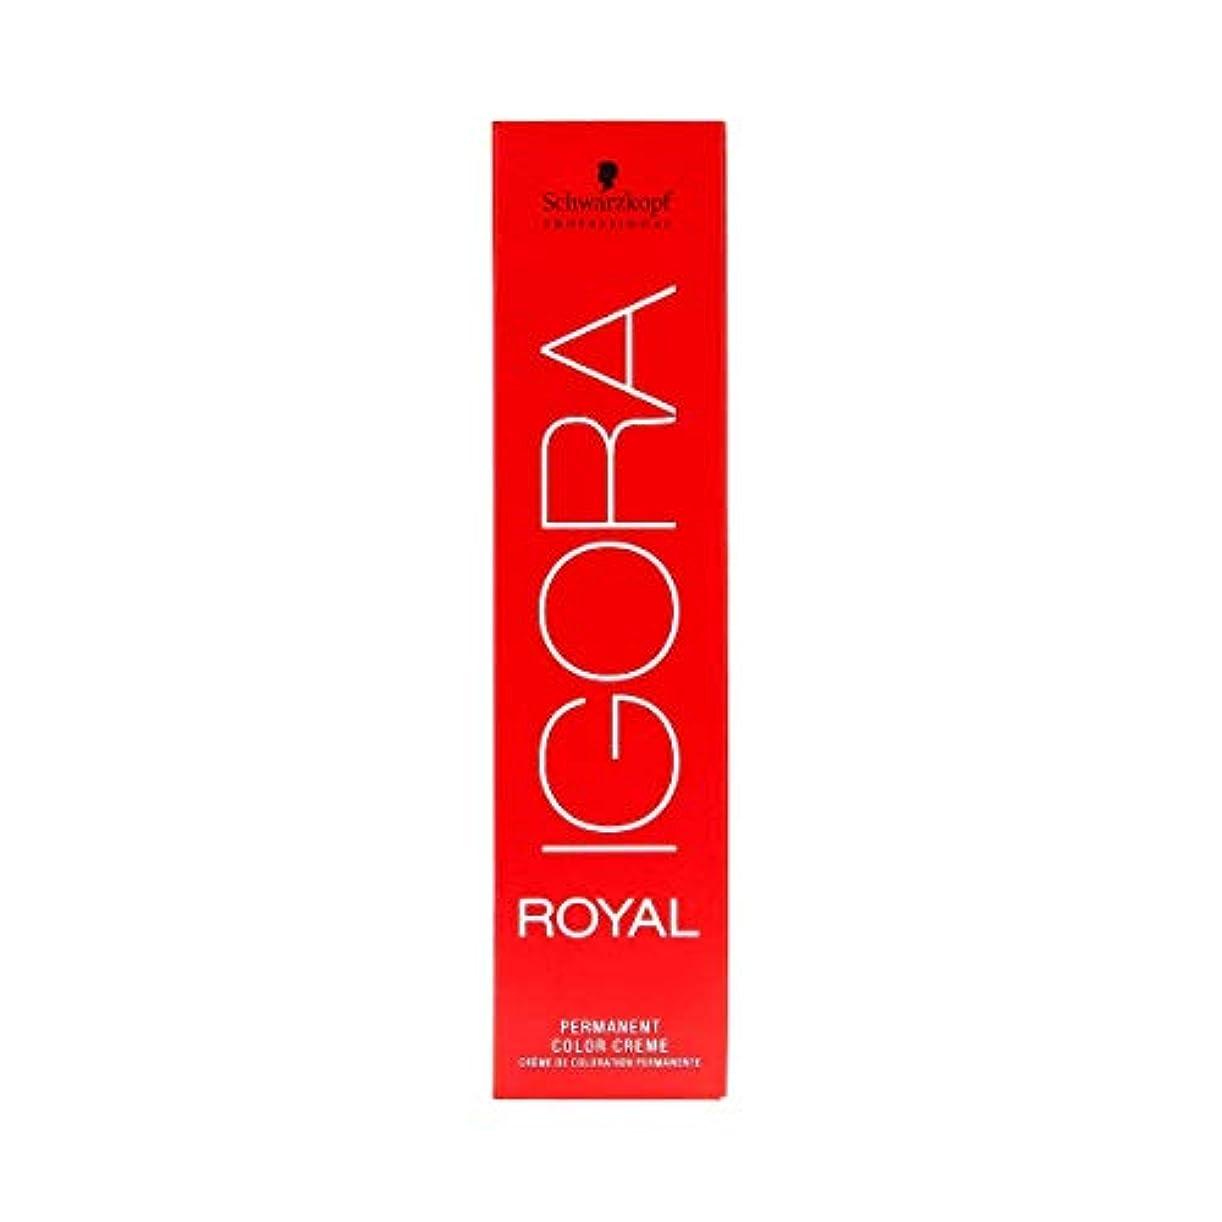 シュワルツコフ IGORA ロイヤル6-00パーマネントカラークリーム60ml[海外直送品] [並行輸入品]